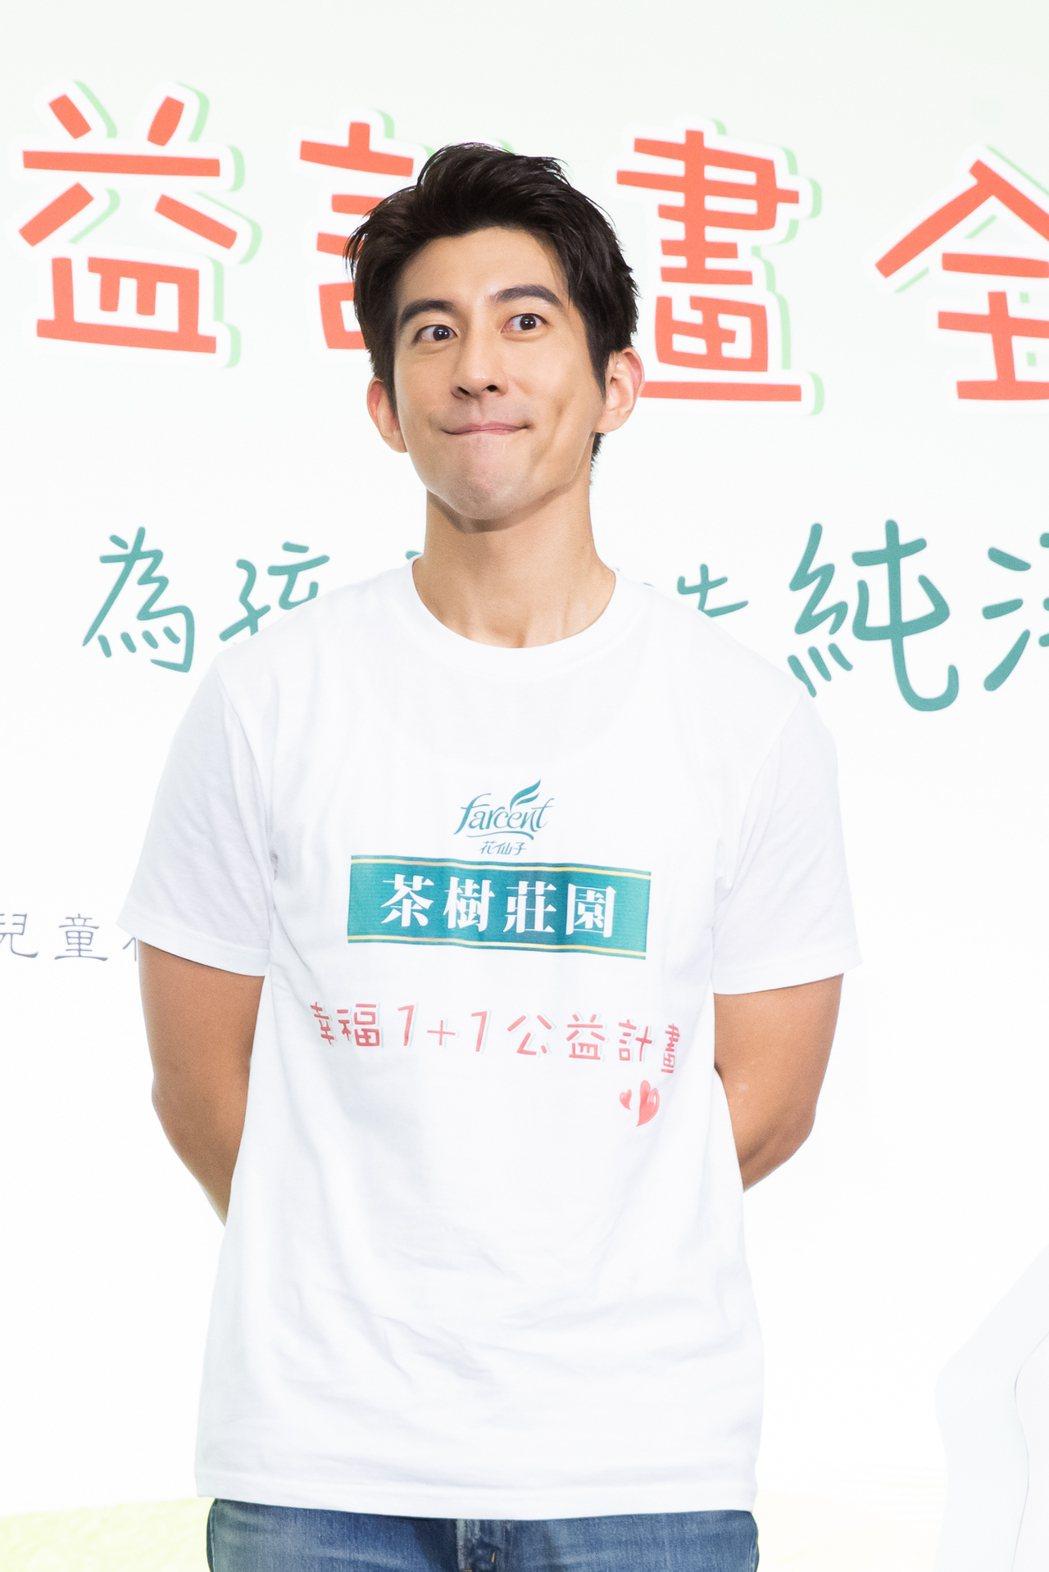 修杰楷化身茶樹莊園幸福大使者,出席啟動「幸福1+1」公益計畫。記者季相儒/攝影